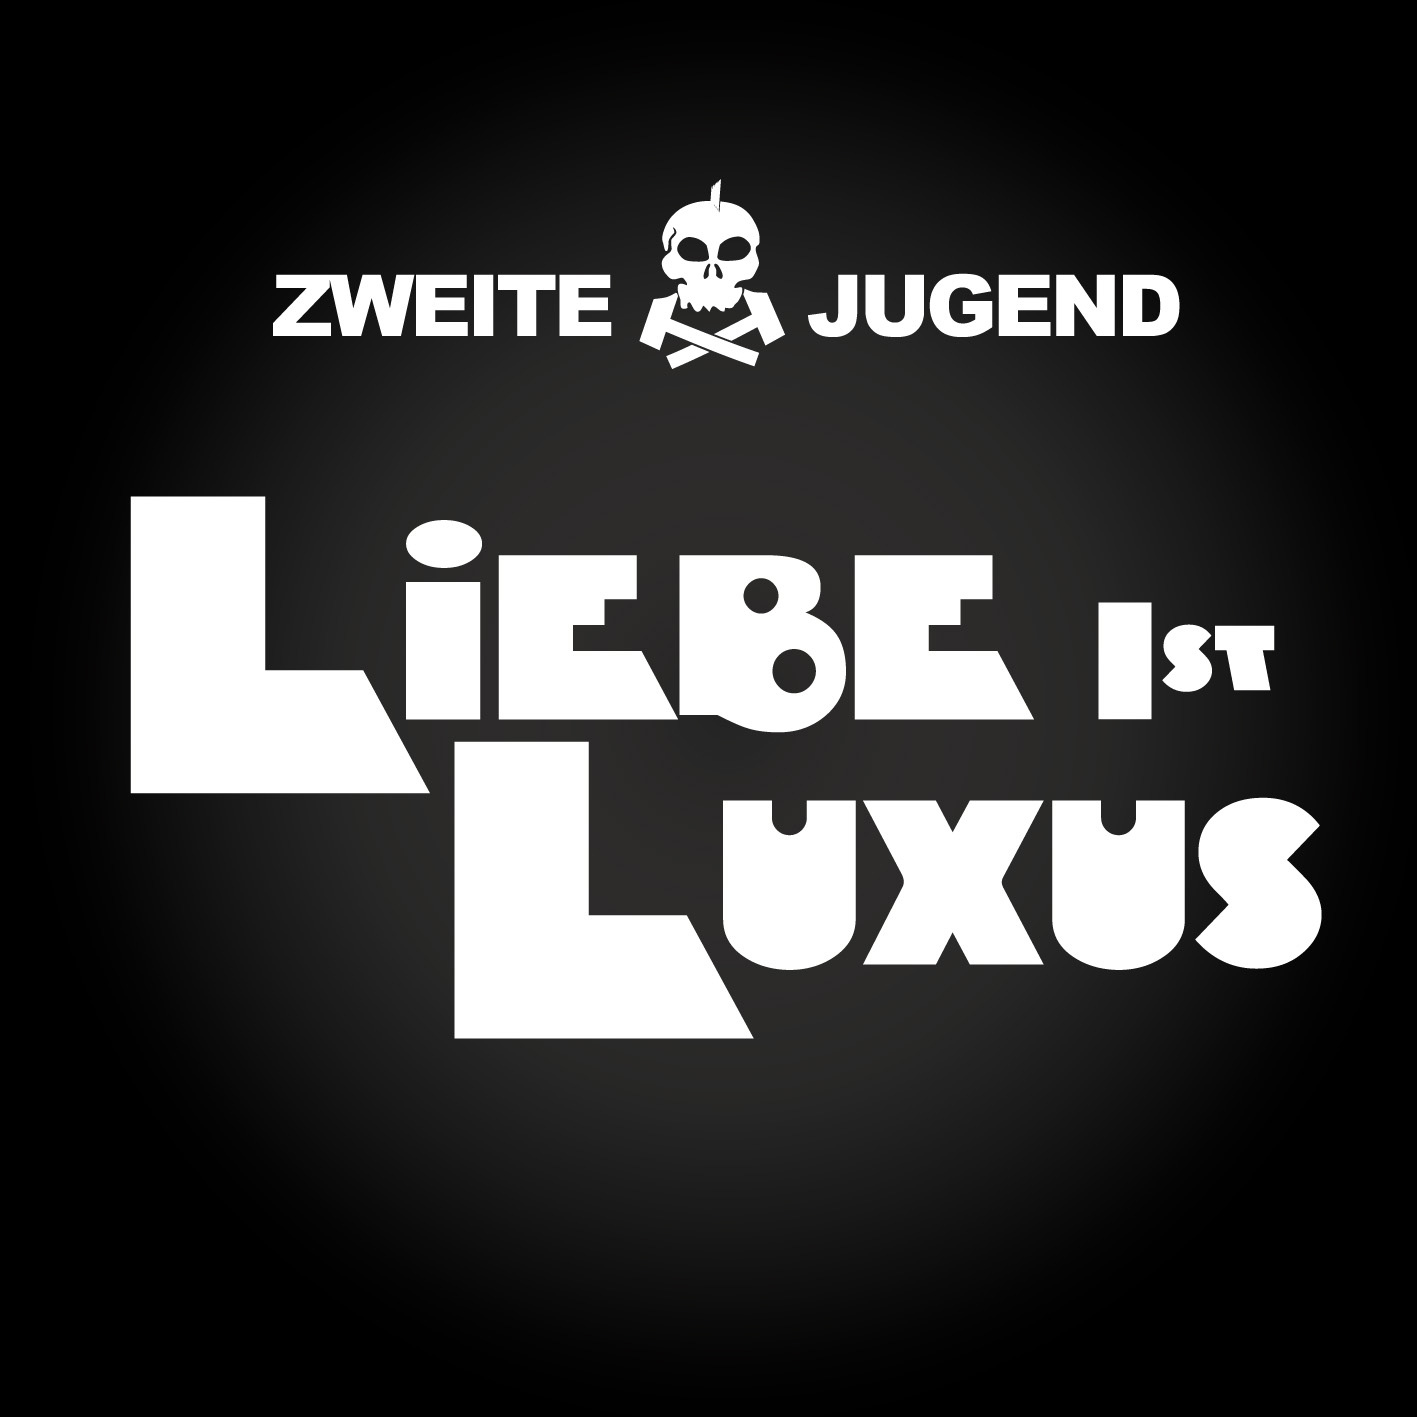 Lyrics - ZWEITE JUGEND